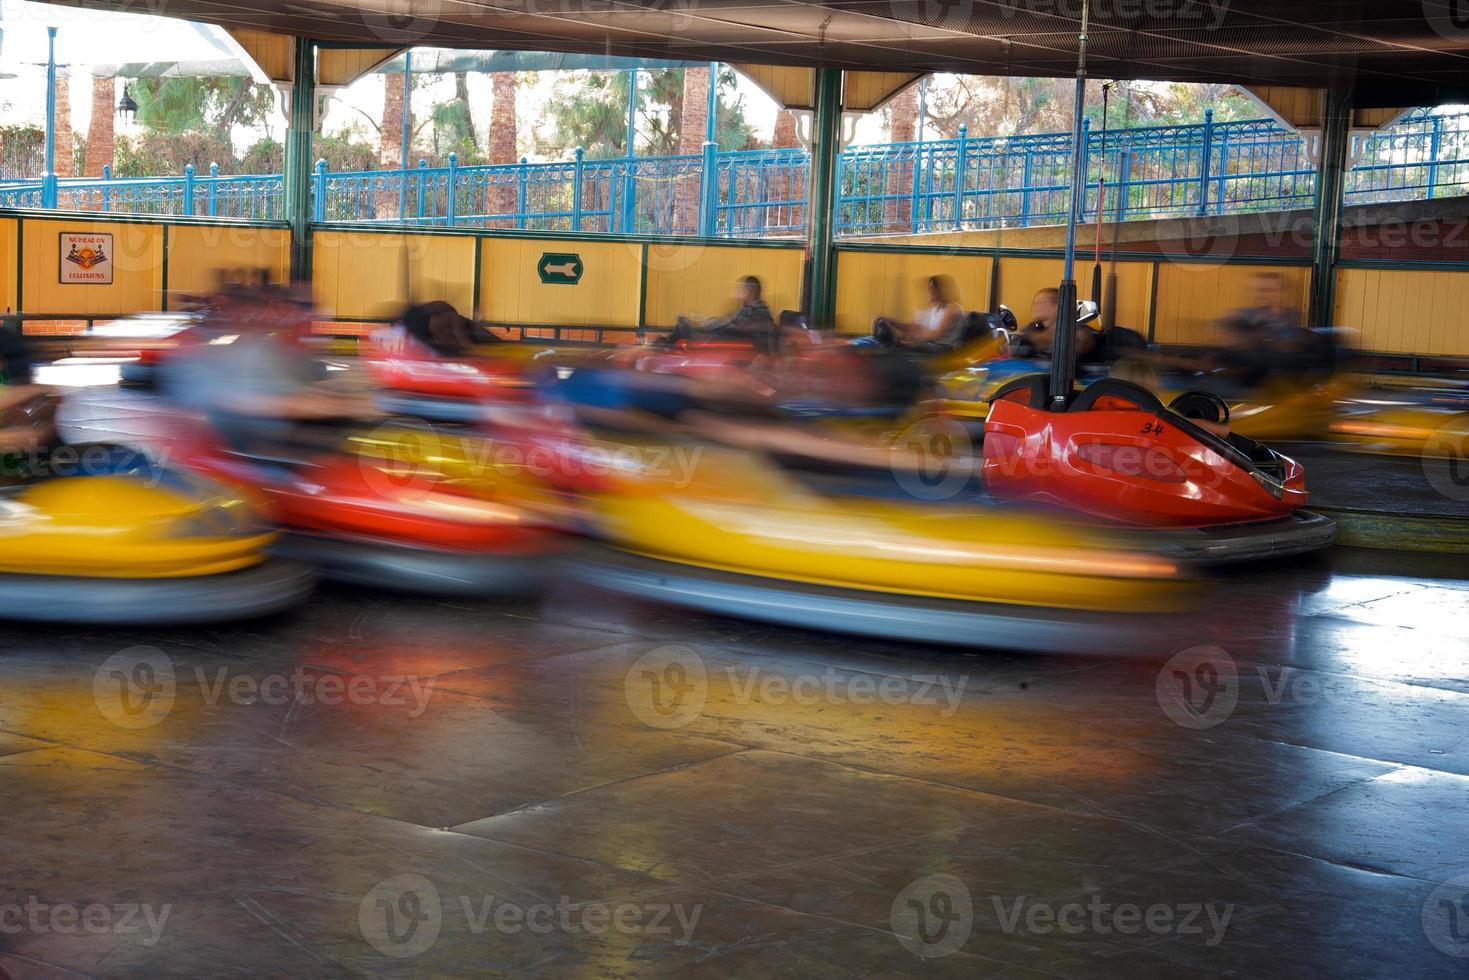 carrinhos de choque em ação foto